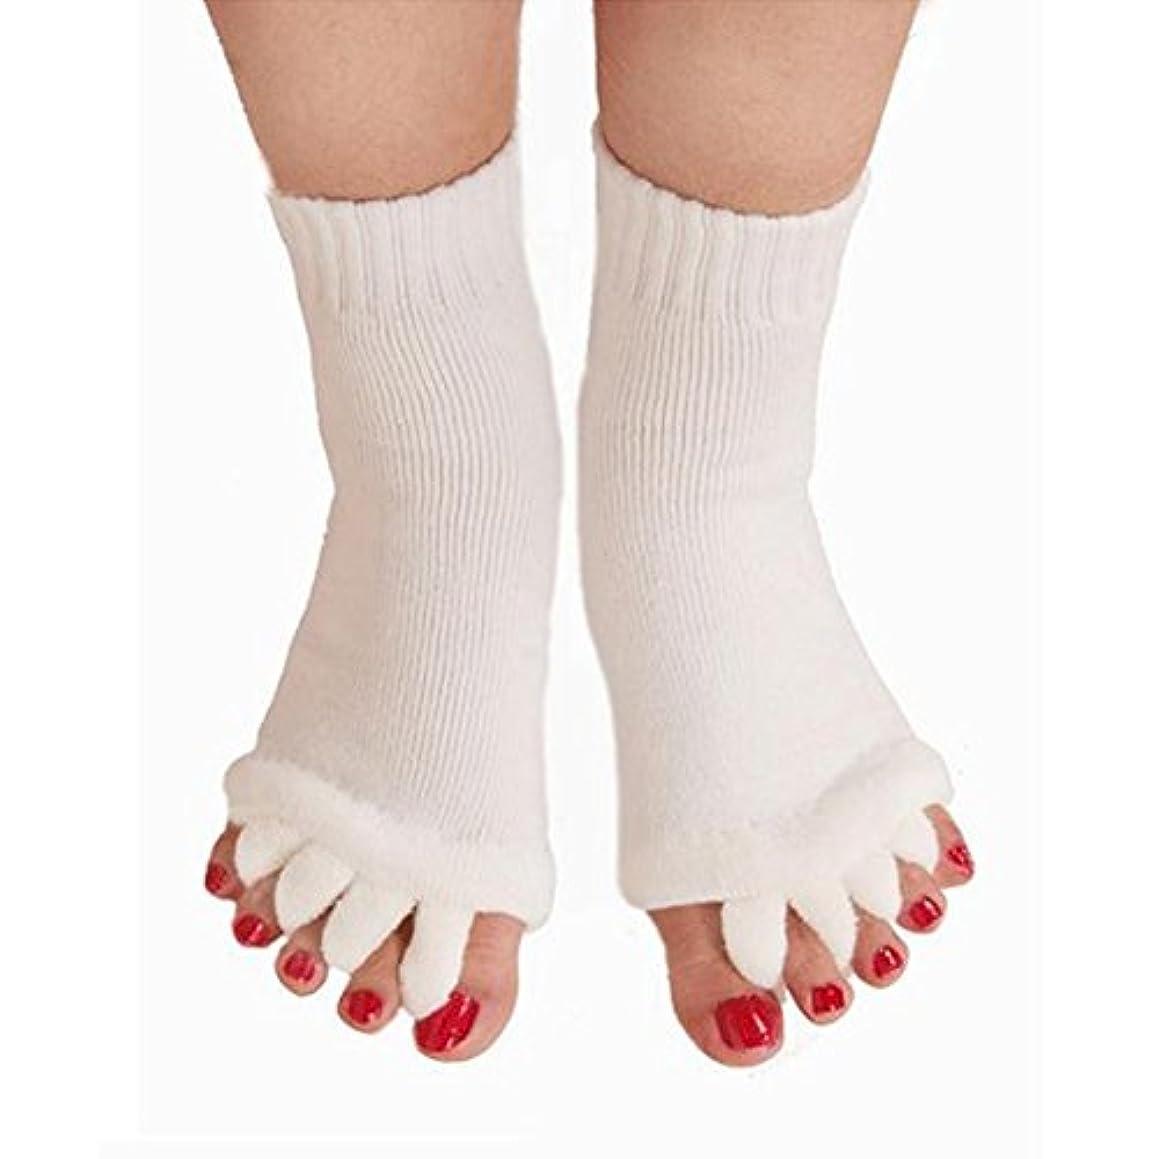 スプリット療法商人5本指 ソックス 靴下 足指全開 スリーピングソックス 足指ケア 痛みを軽減する 外反母趾 偏平足対策 ヨガウェア 美脚 就寝時用 快眠 むくみ解消 ホワイト 1ペア